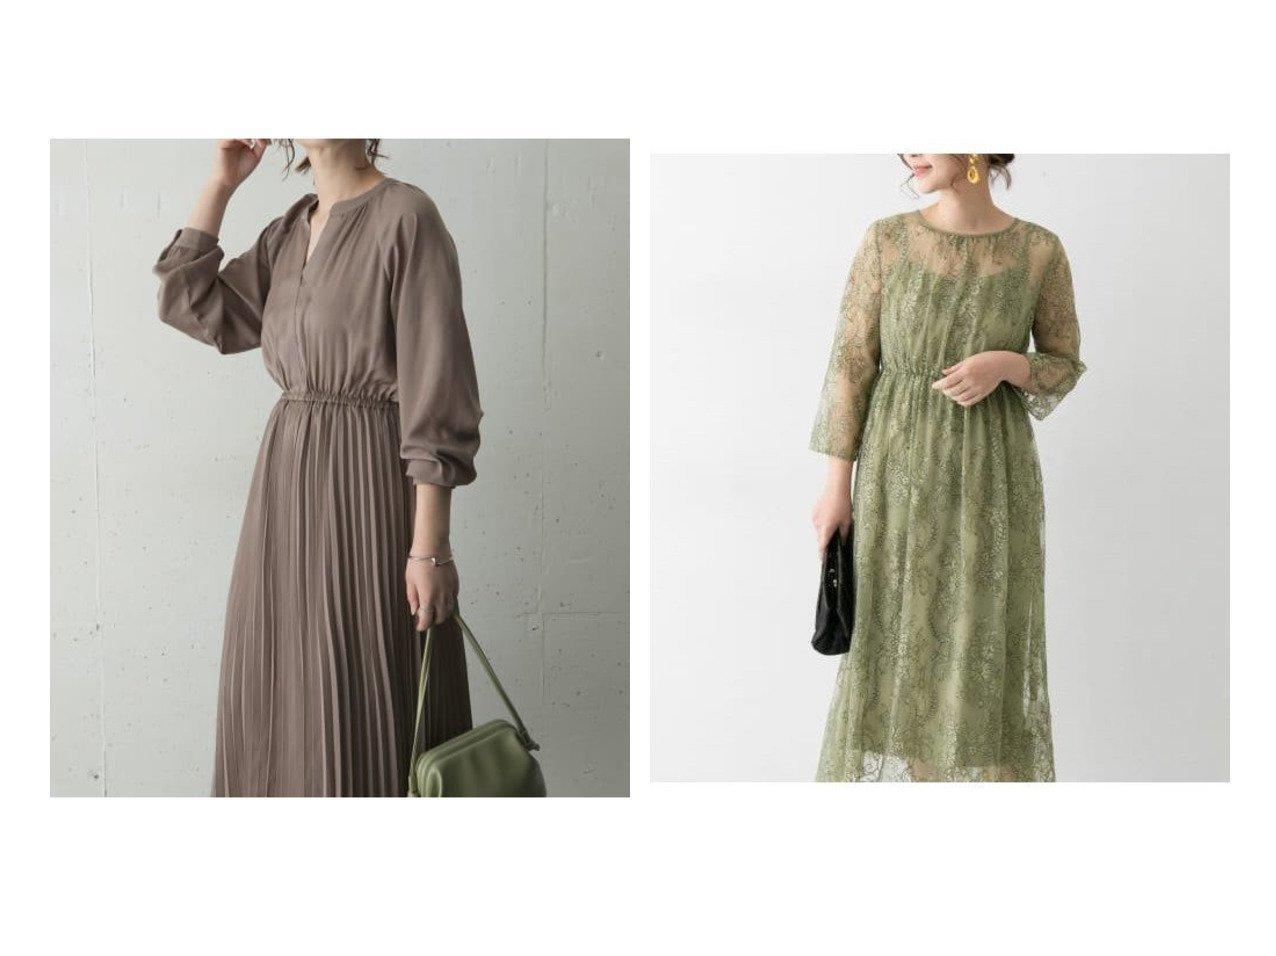 【URBAN RESEARCH ROSSO/アーバンリサーチ ロッソ】の配色レースミディドレス&プリーツワンピース ワンピース・ドレスのおすすめ!人気、レディースファッションの通販  おすすめで人気のファッション通販商品 インテリア・家具・キッズファッション・メンズファッション・レディースファッション・服の通販 founy(ファニー) https://founy.com/ ファッション Fashion レディース WOMEN ワンピース Dress ドレス Party Dresses ジャケット スタンダード プリーツ ポケット アンティーク イヤリング キャミソール ドレス ヌーディ ネックレス パーティ ビジュー フォーマル フリンジ レース |ID:crp329100000002905